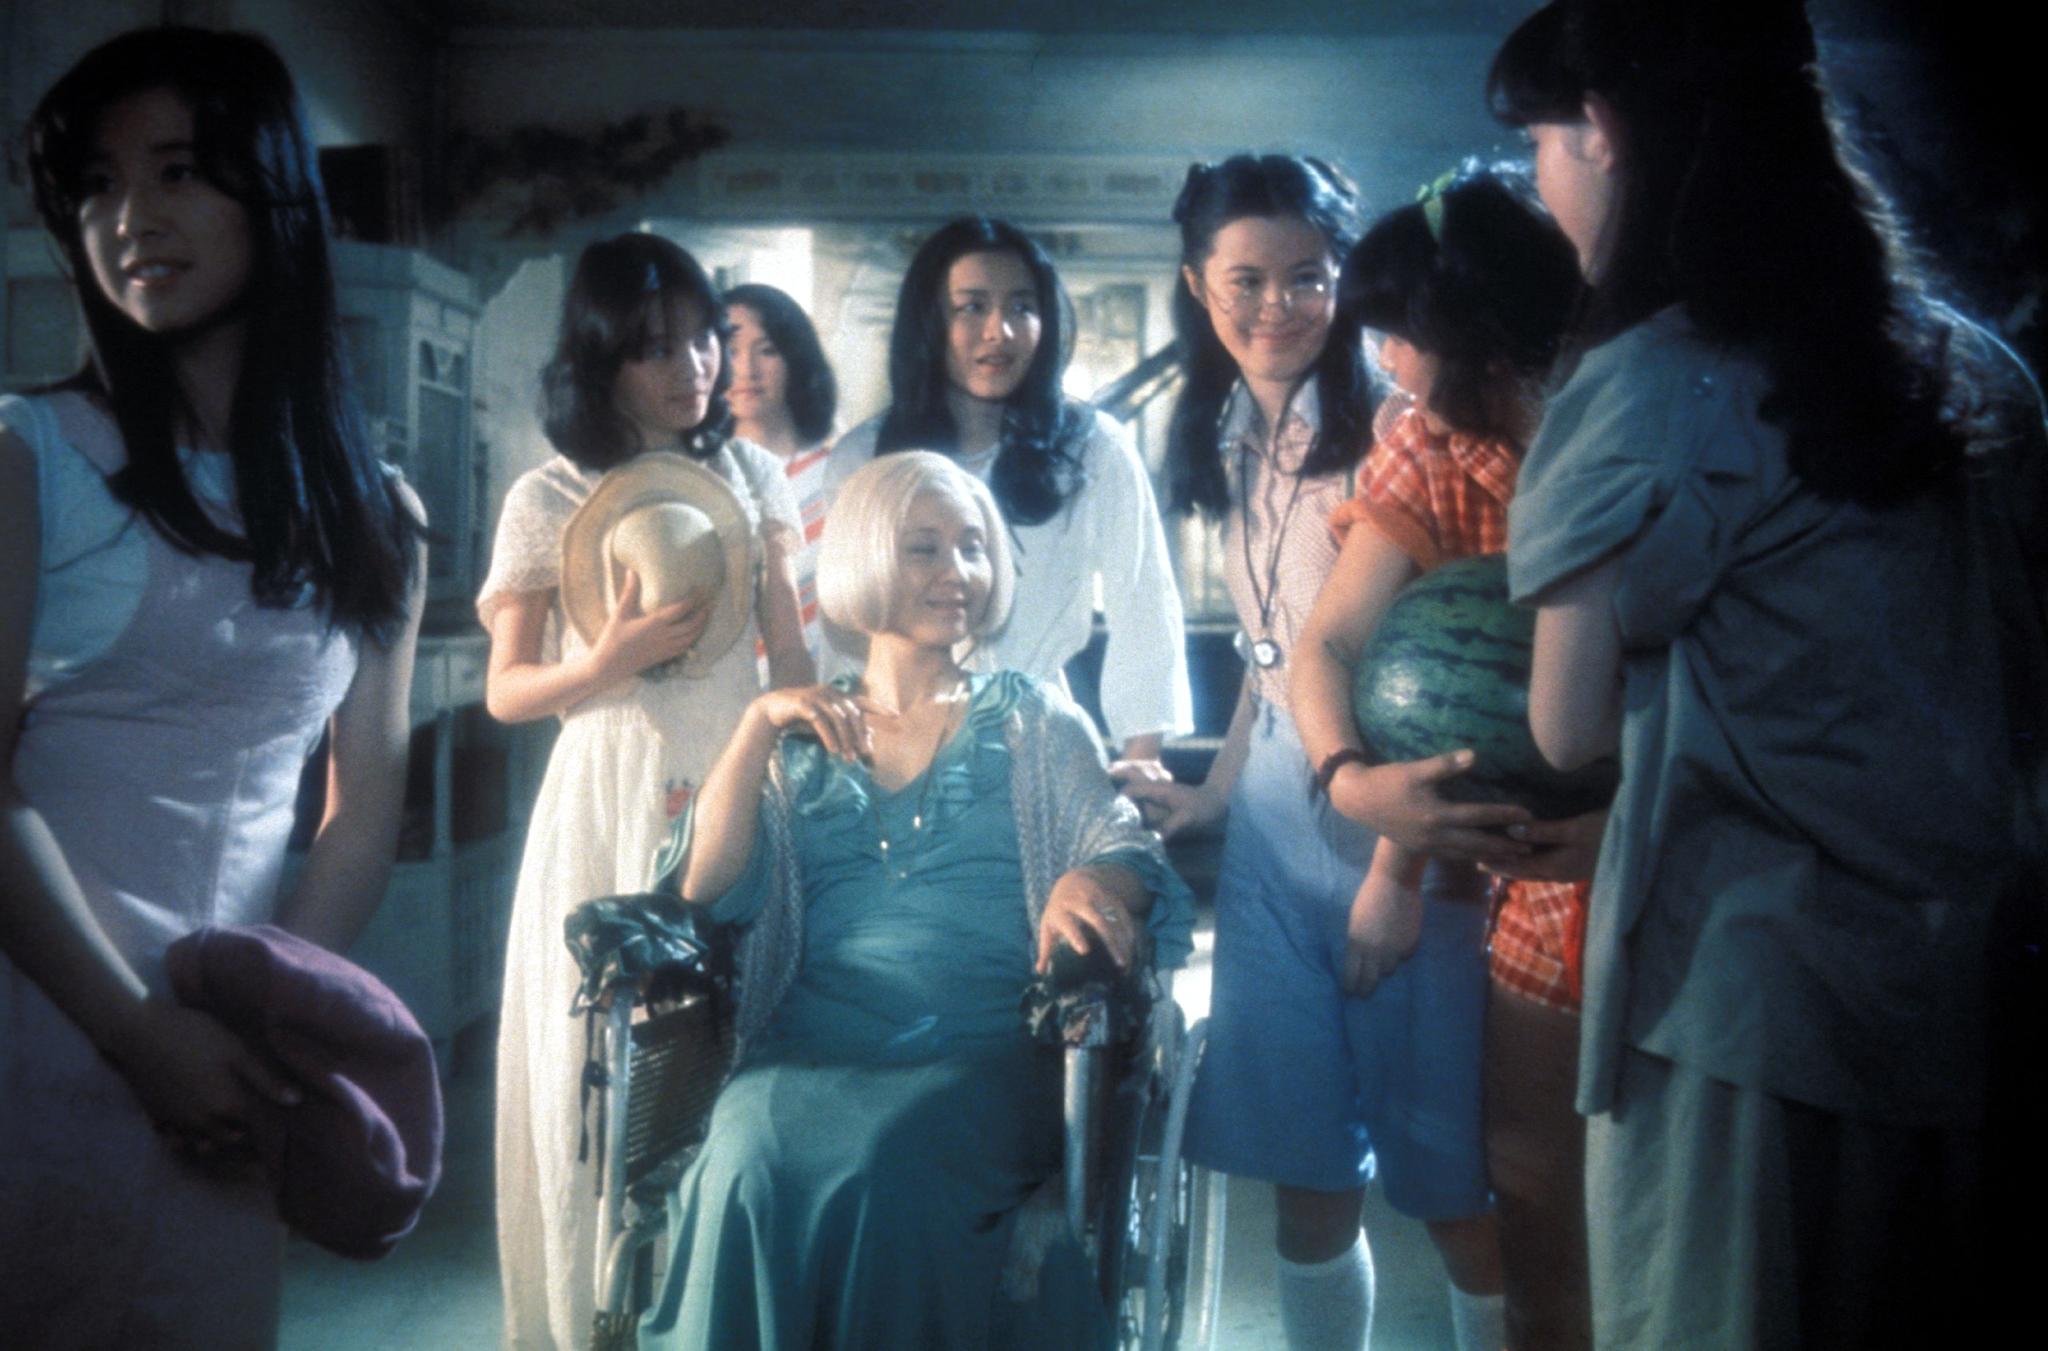 Kimiko Ikegami, Miki Jinbo, Ai Matsubara, Yôko Minamida, Masayo Miyako, Kumiko Ohba, Mieko Satô, and Eriko Tanaka in Hausu (1977)